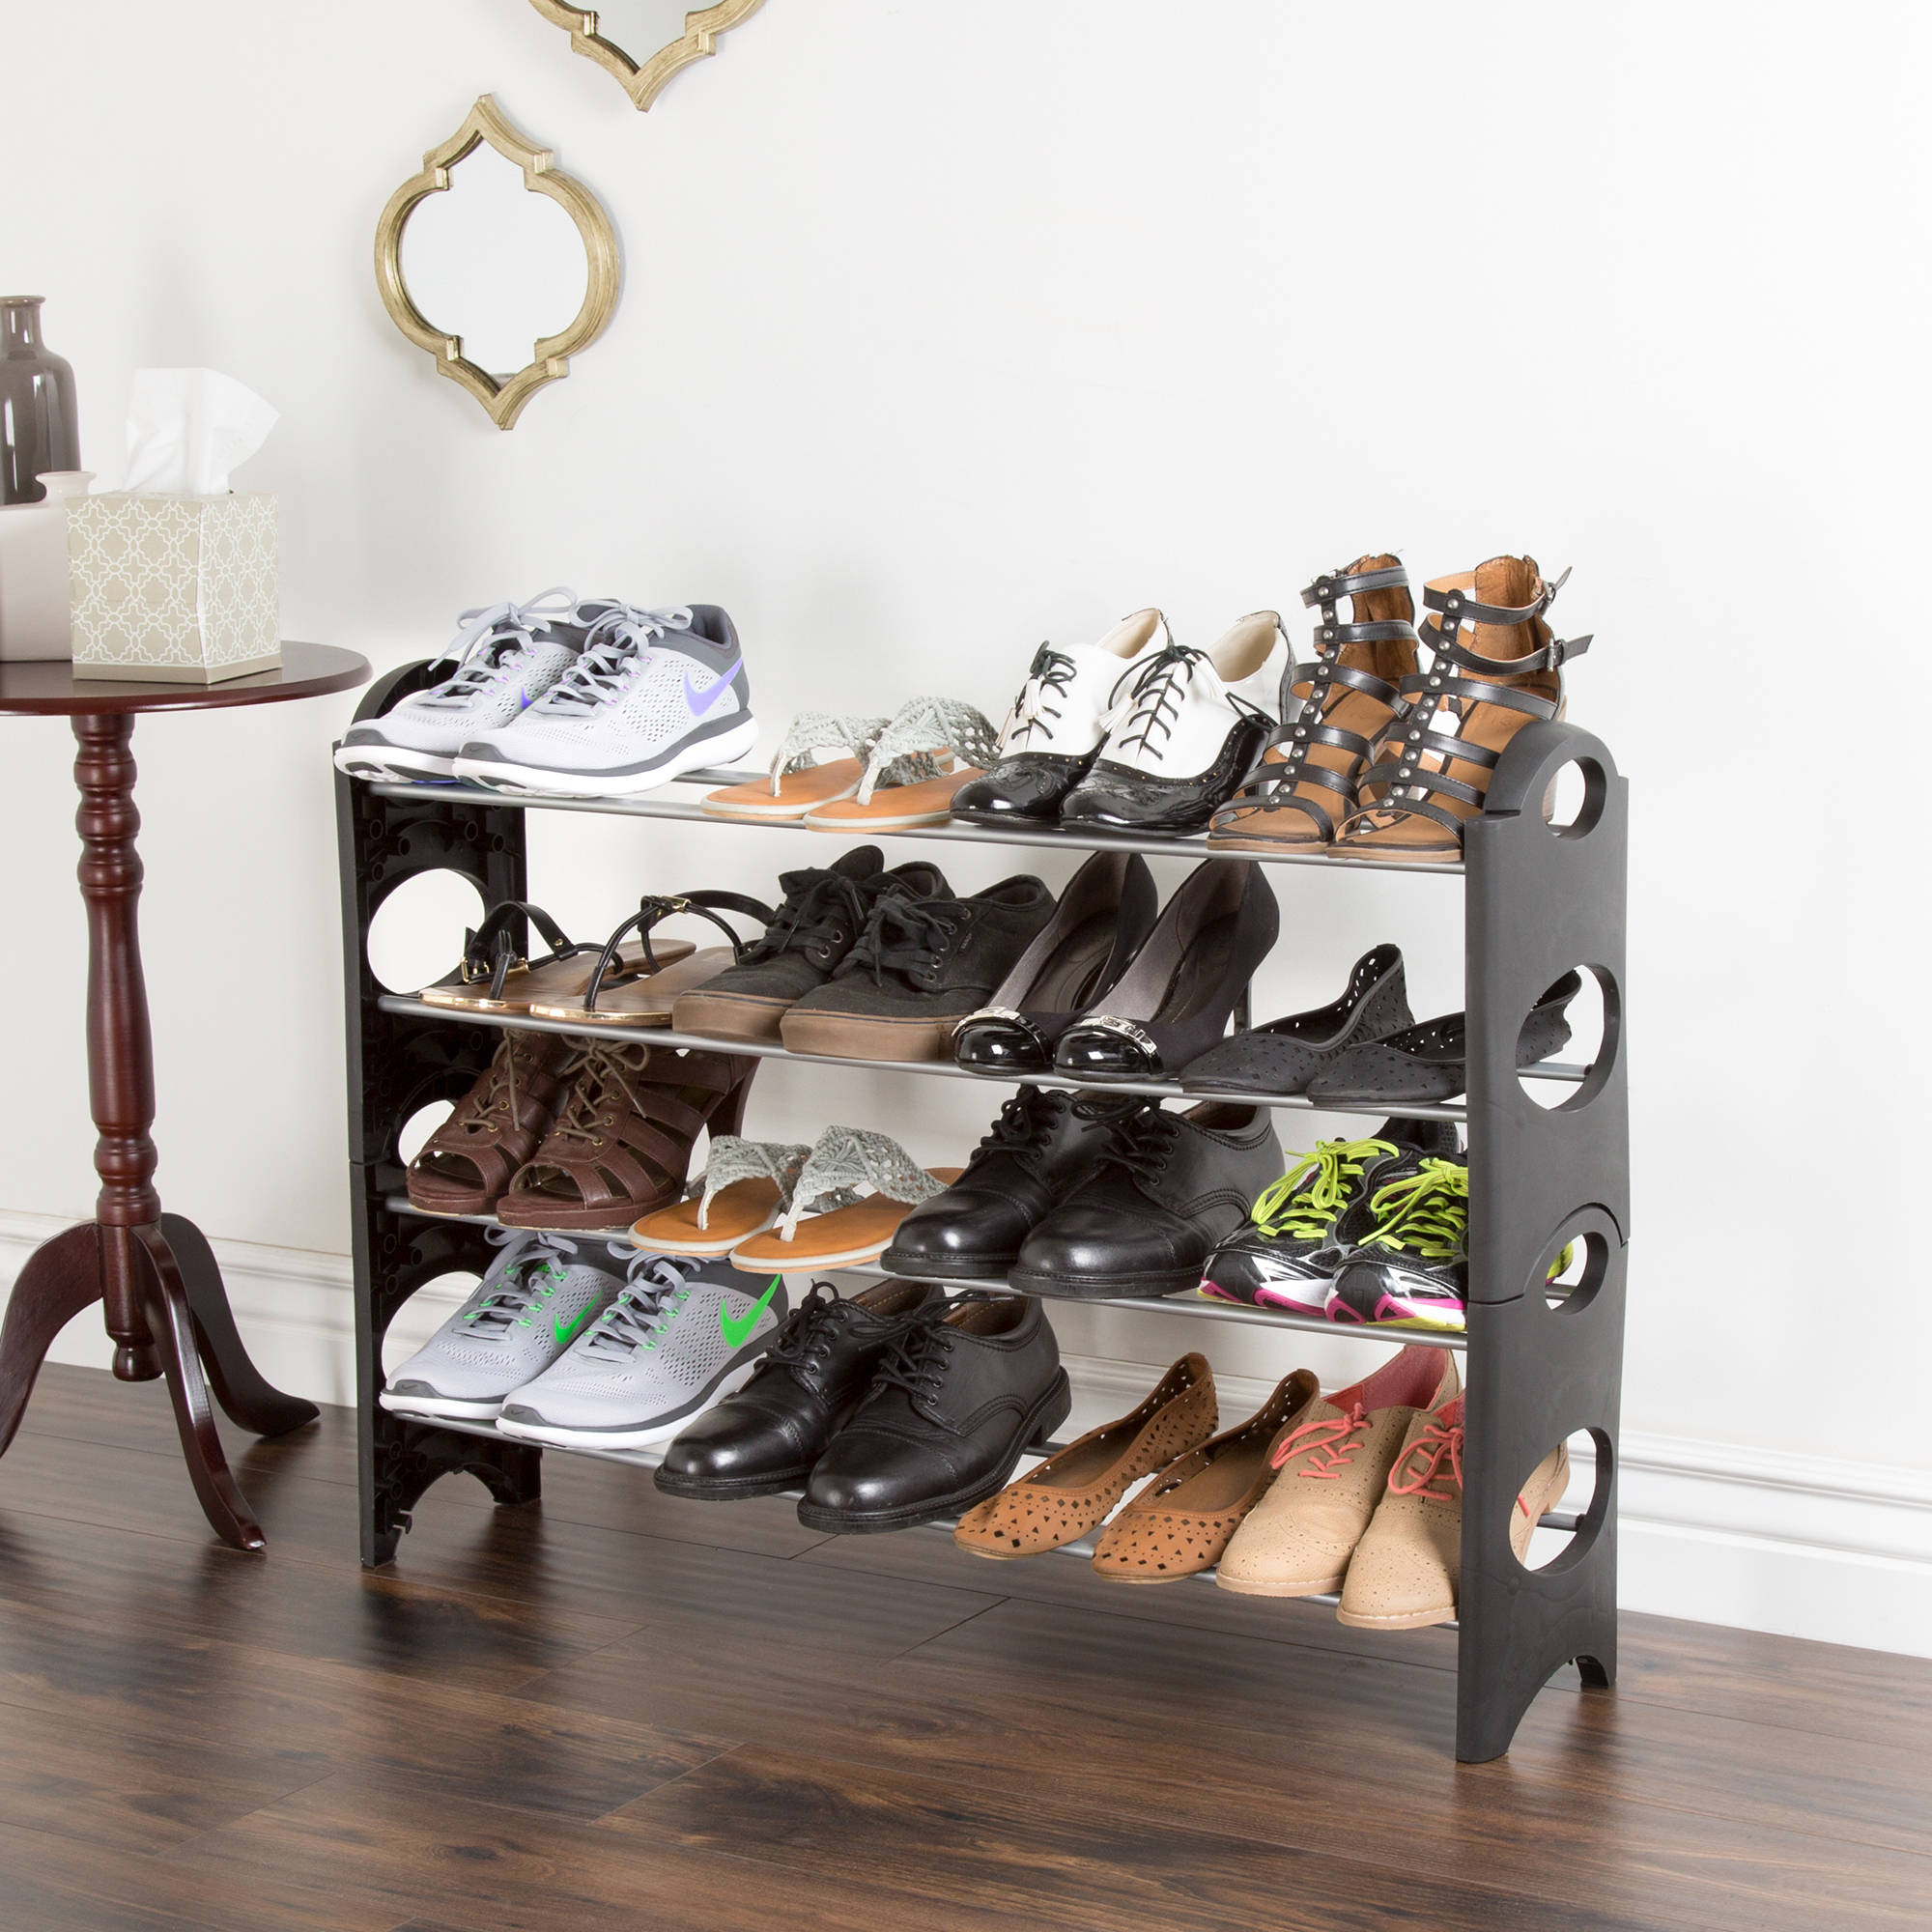 Shoe Rack Stackable Storage Bench Closet Bathroom